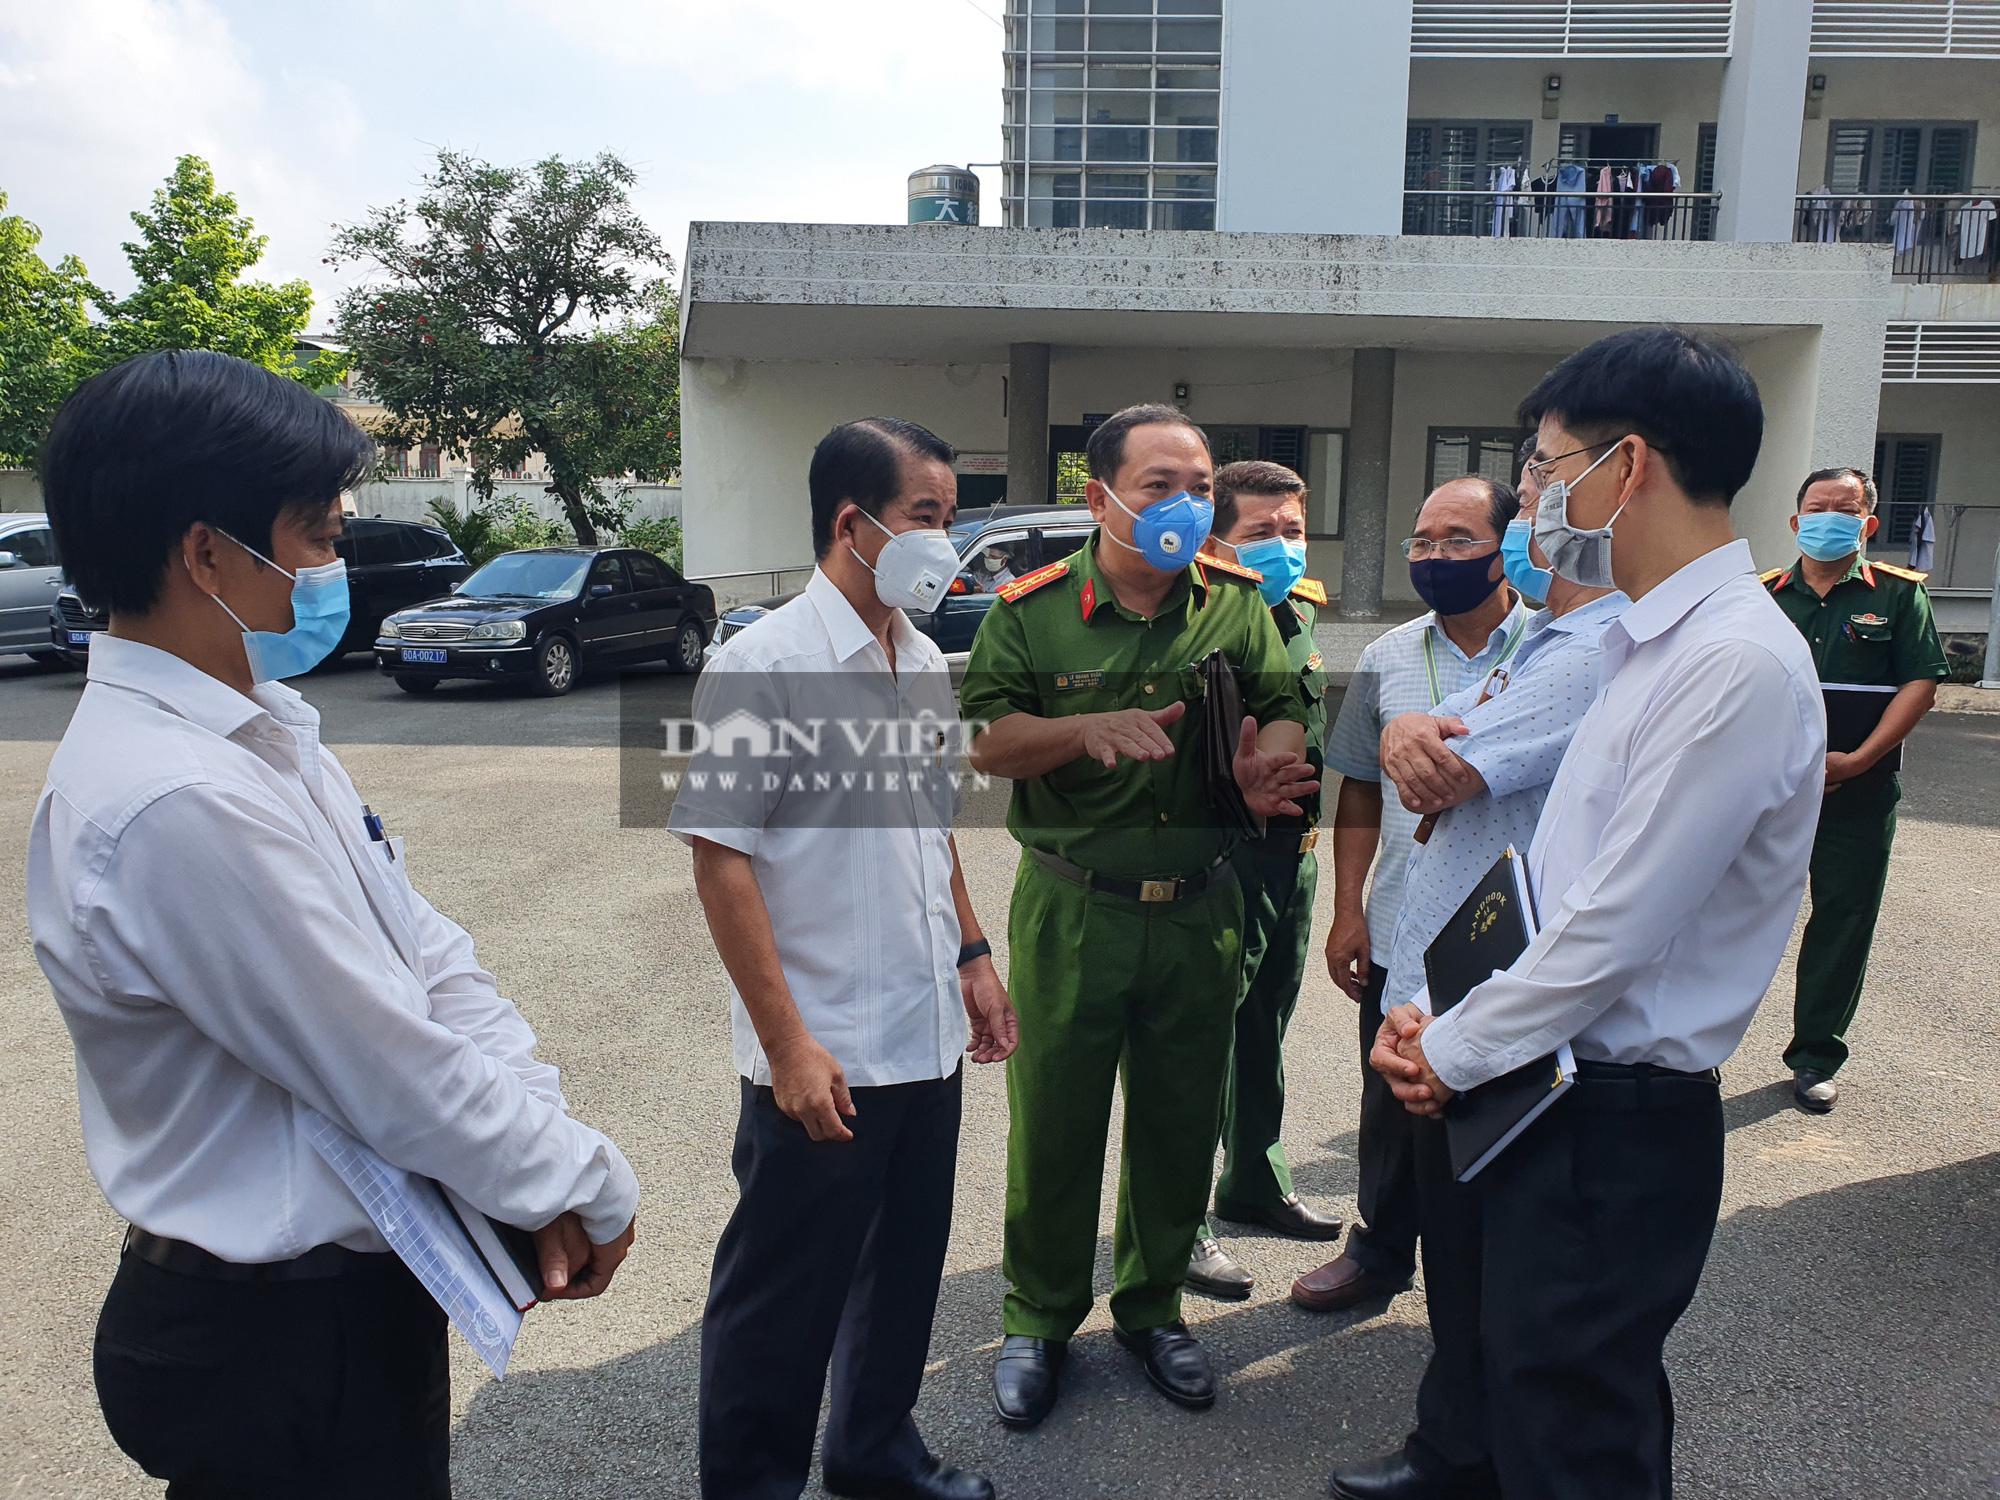 Đồng Nai: Tạm dừng hoạt động Công ty TNHH Map Pacific Singapore, cách ly 160 trường hợp tiếp xúc với F1 nguy cơ cao - Ảnh 1.